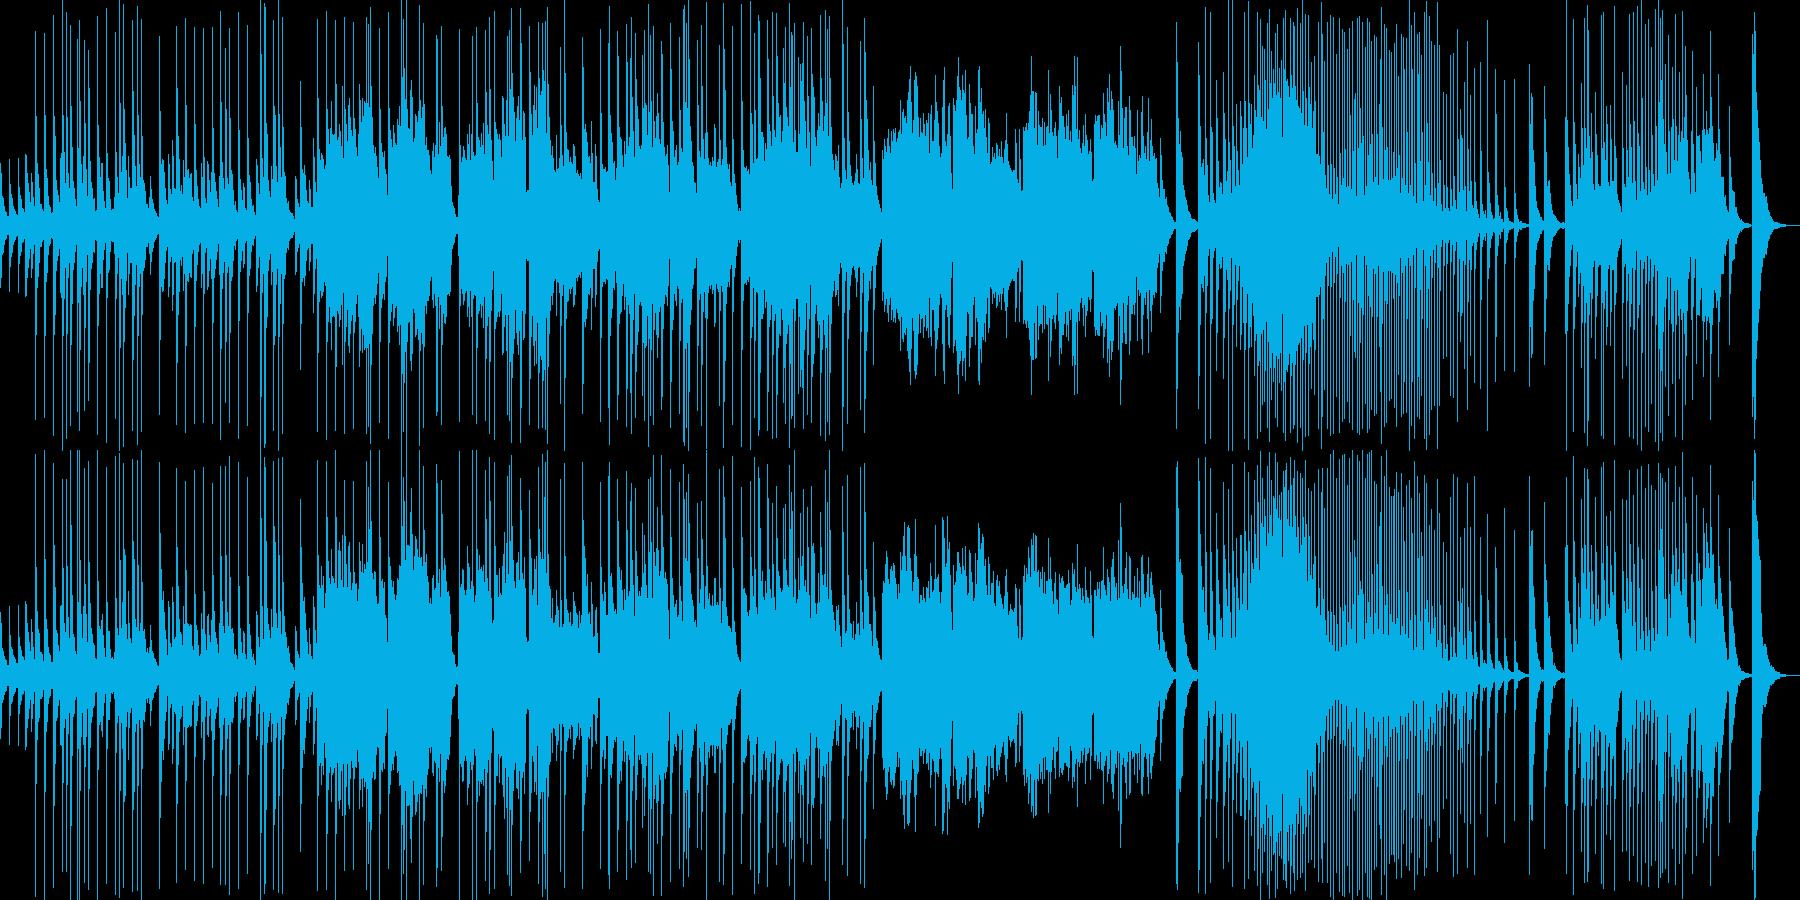 伝統的な日本音楽の再生済みの波形